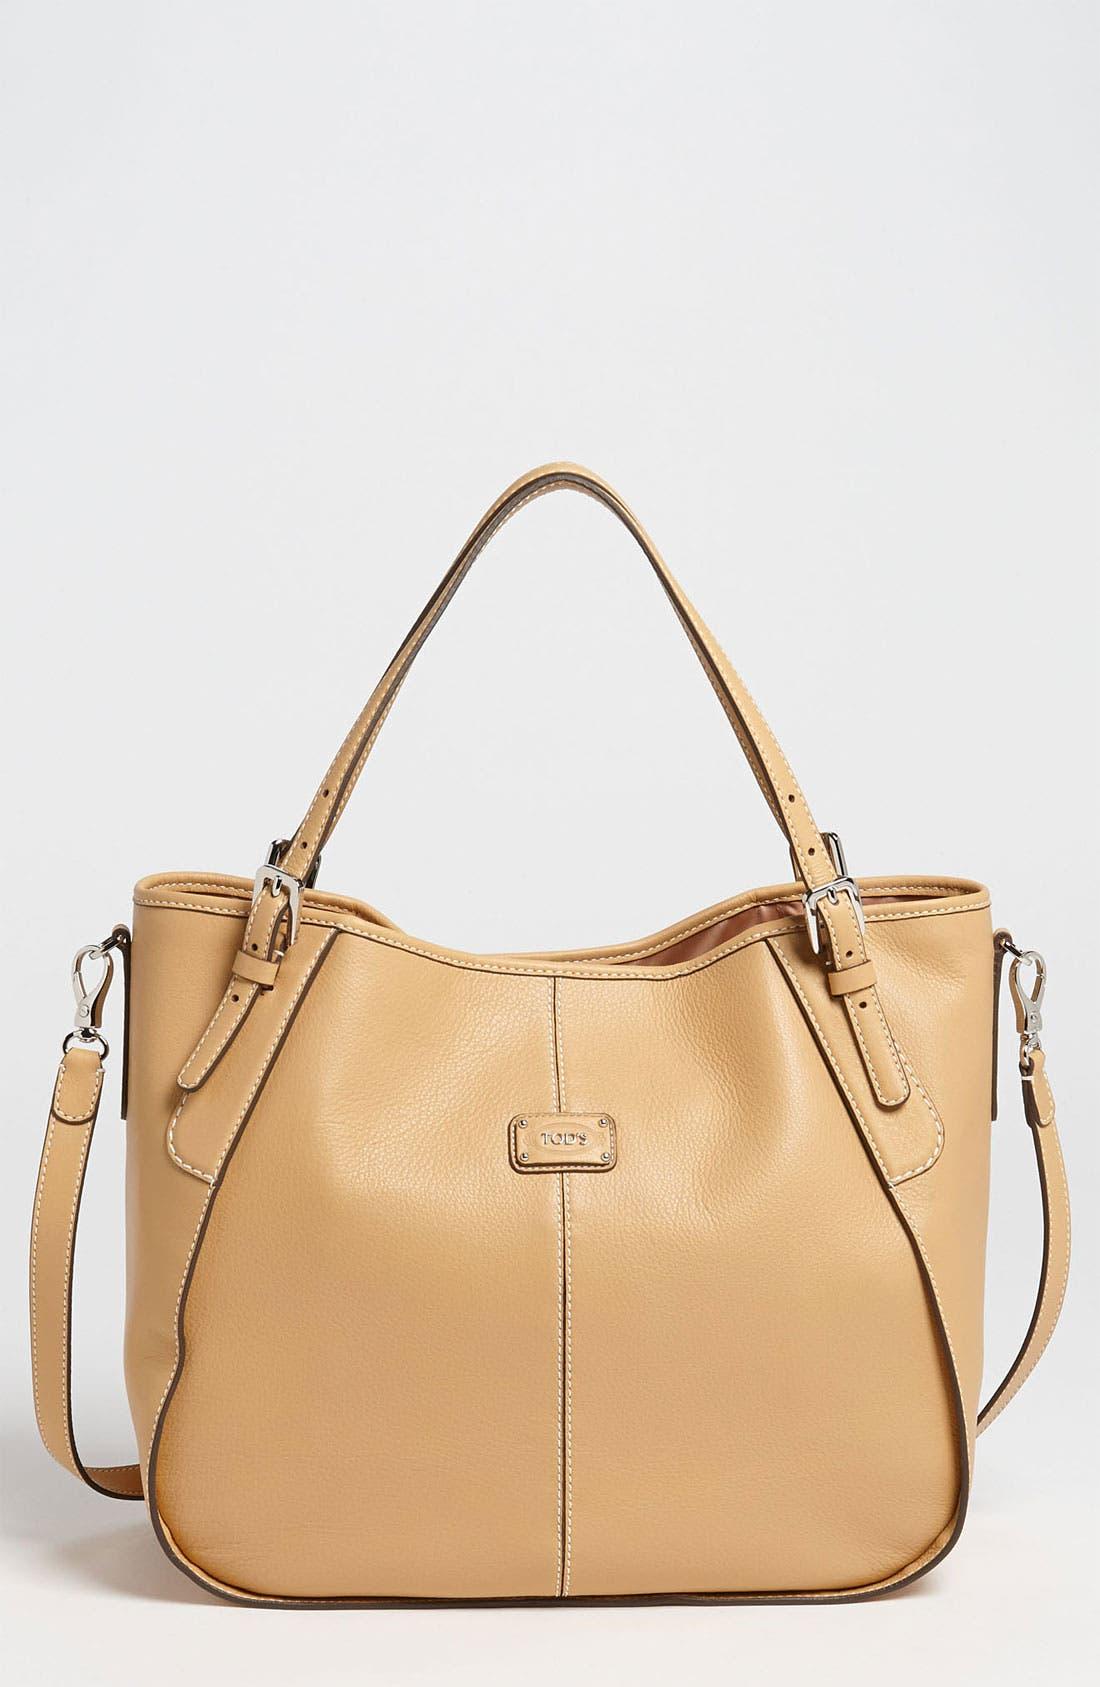 Alternate Image 1 Selected - Tod's 'New G - Medium' Leather Shoulder Bag